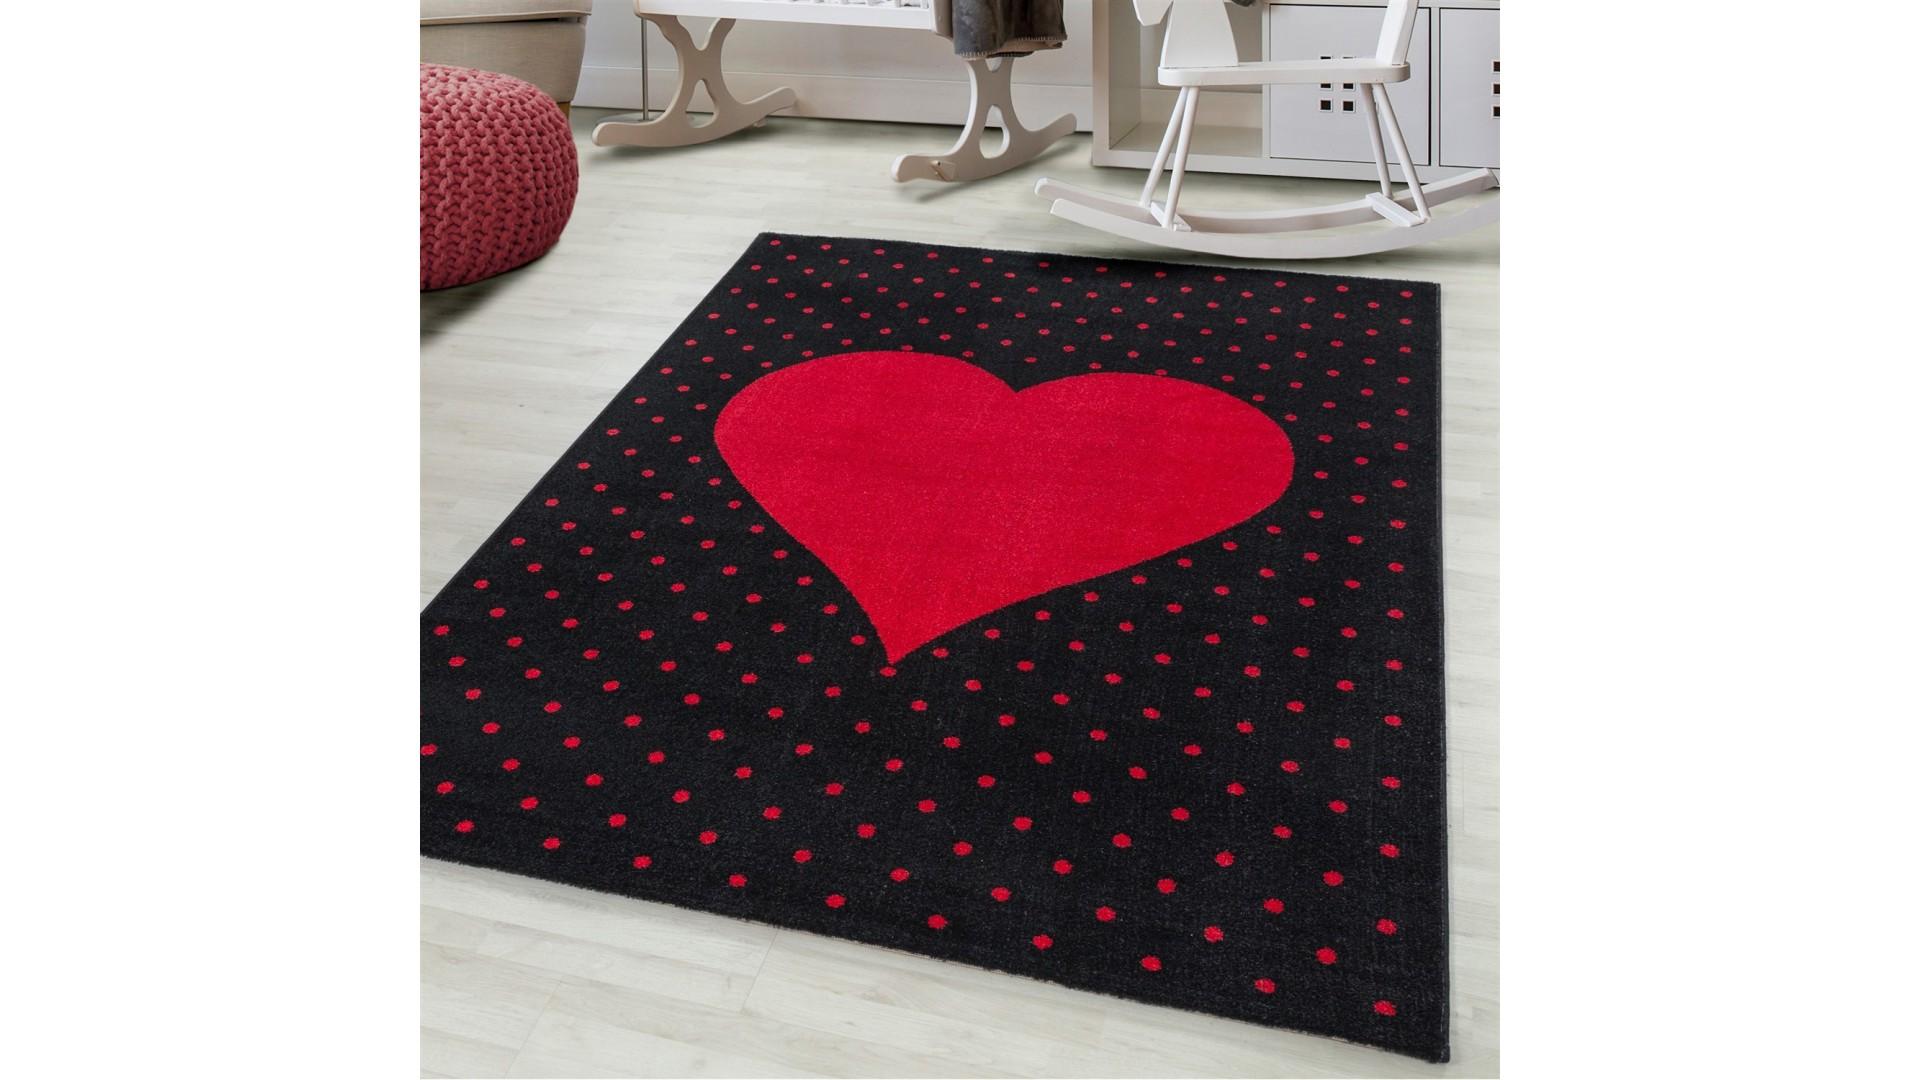 Dywan z czerwonym serduszkiem  to idealny dodatek w pokoju dziecięcym i młodzieżowym.